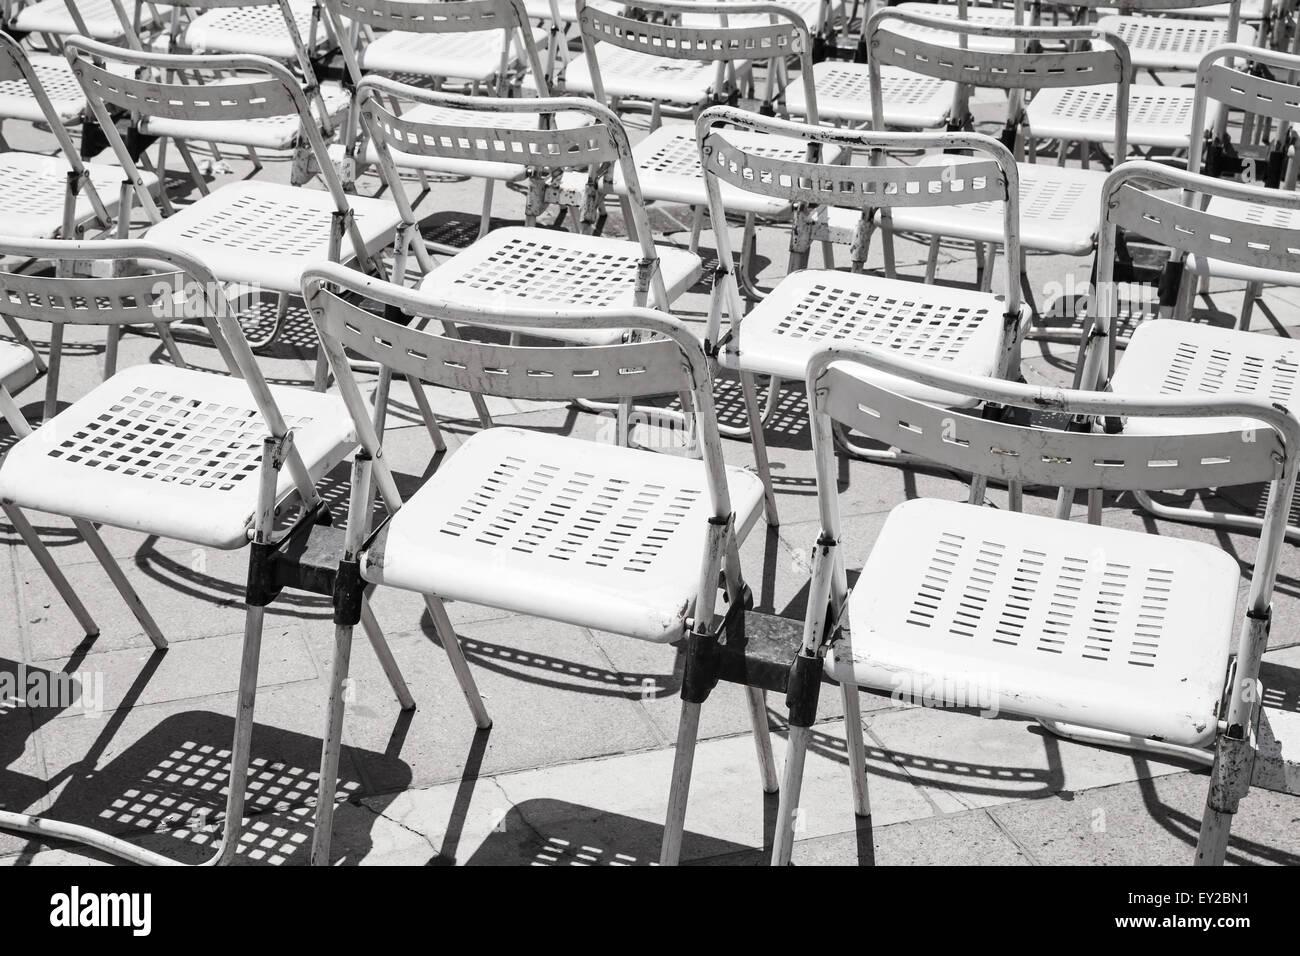 Leere Weißmetall Stuhlreihen in ein Open-Air-Konzert-Halle Stockfoto ...